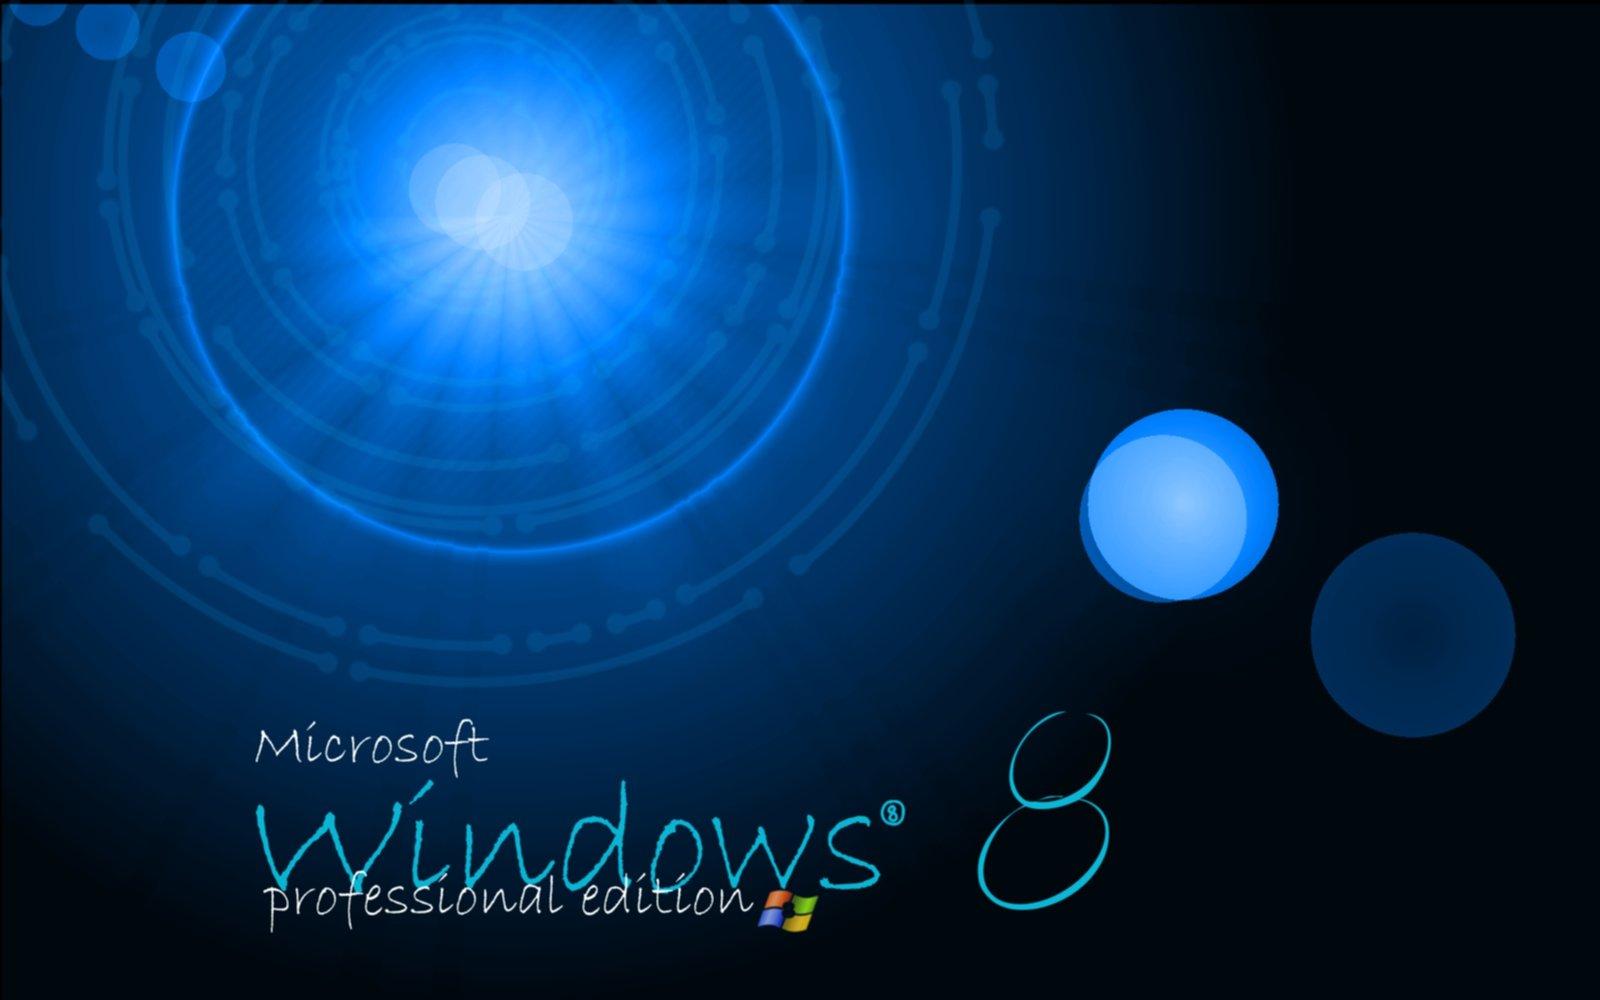 https://4.bp.blogspot.com/-d7sUQNIm-Kc/TfG1hQ59onI/AAAAAAAACFc/EMLv8fZMscc/s1600/windows_8_wallpapers.jpg